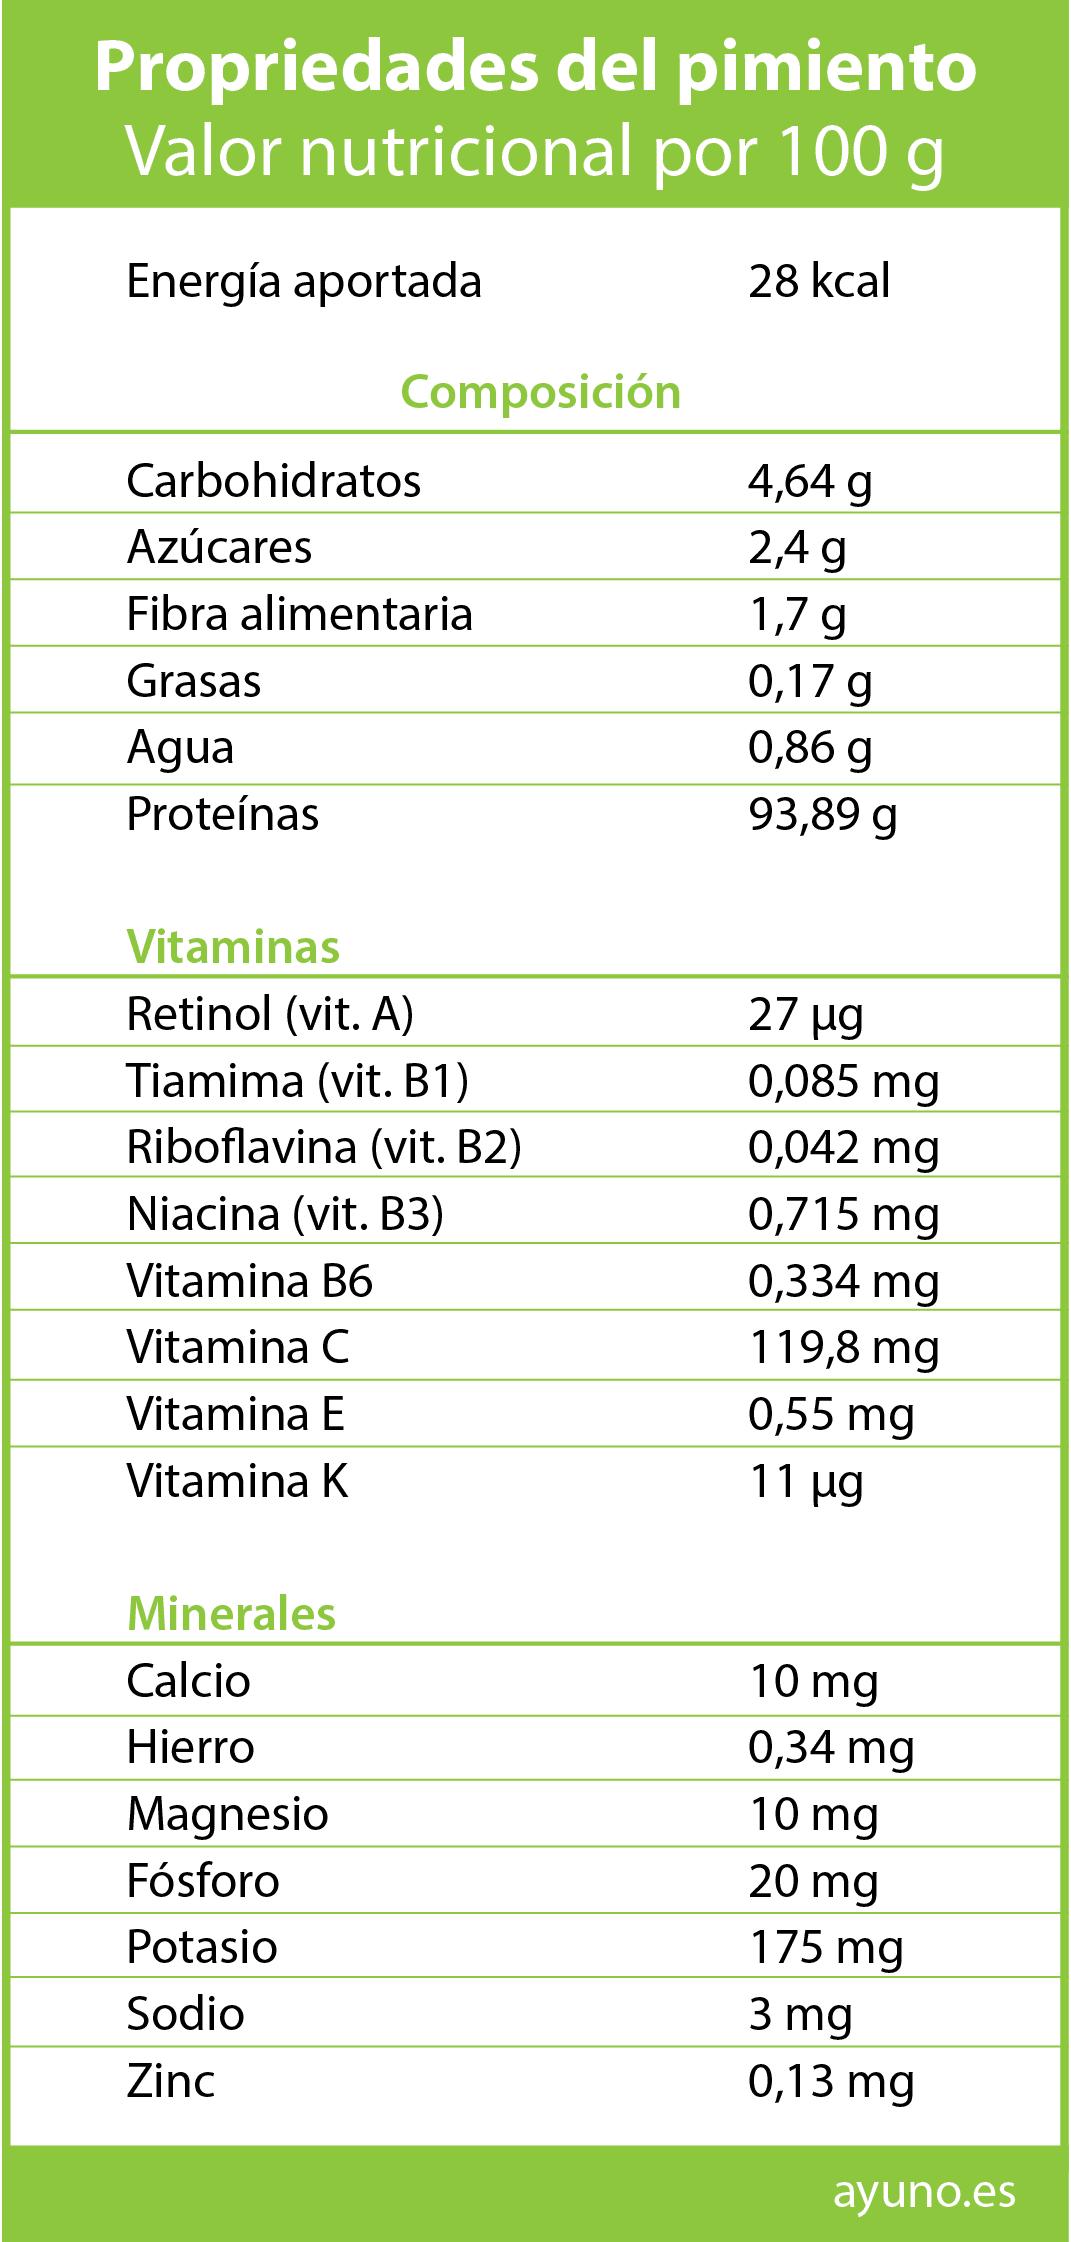 Valor nutricional del pimiento